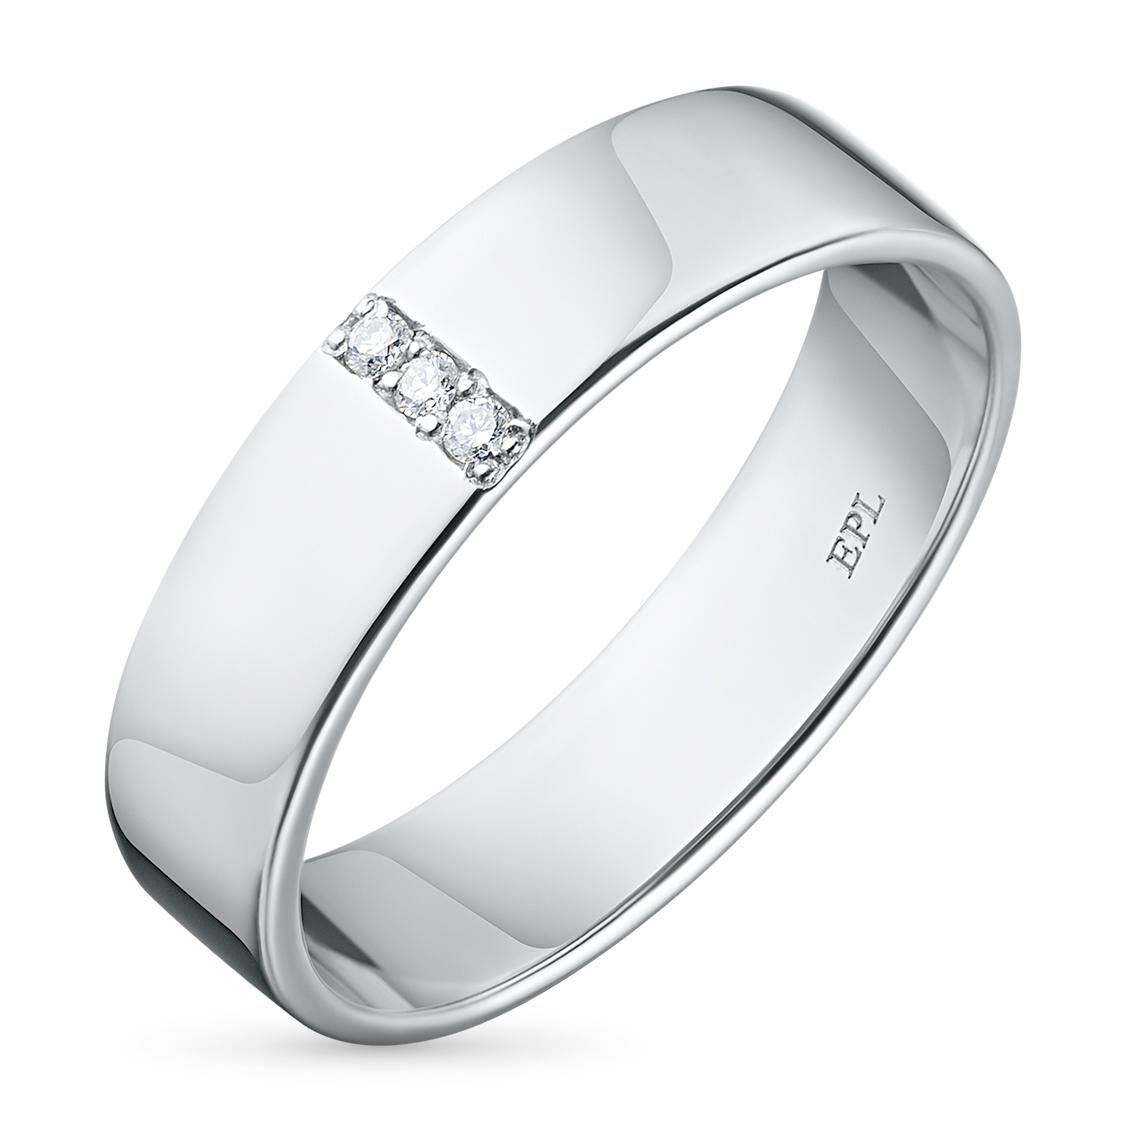 Кольцо из серебра с бриллиантом купить в Москве недорого по цене 3 060   span class